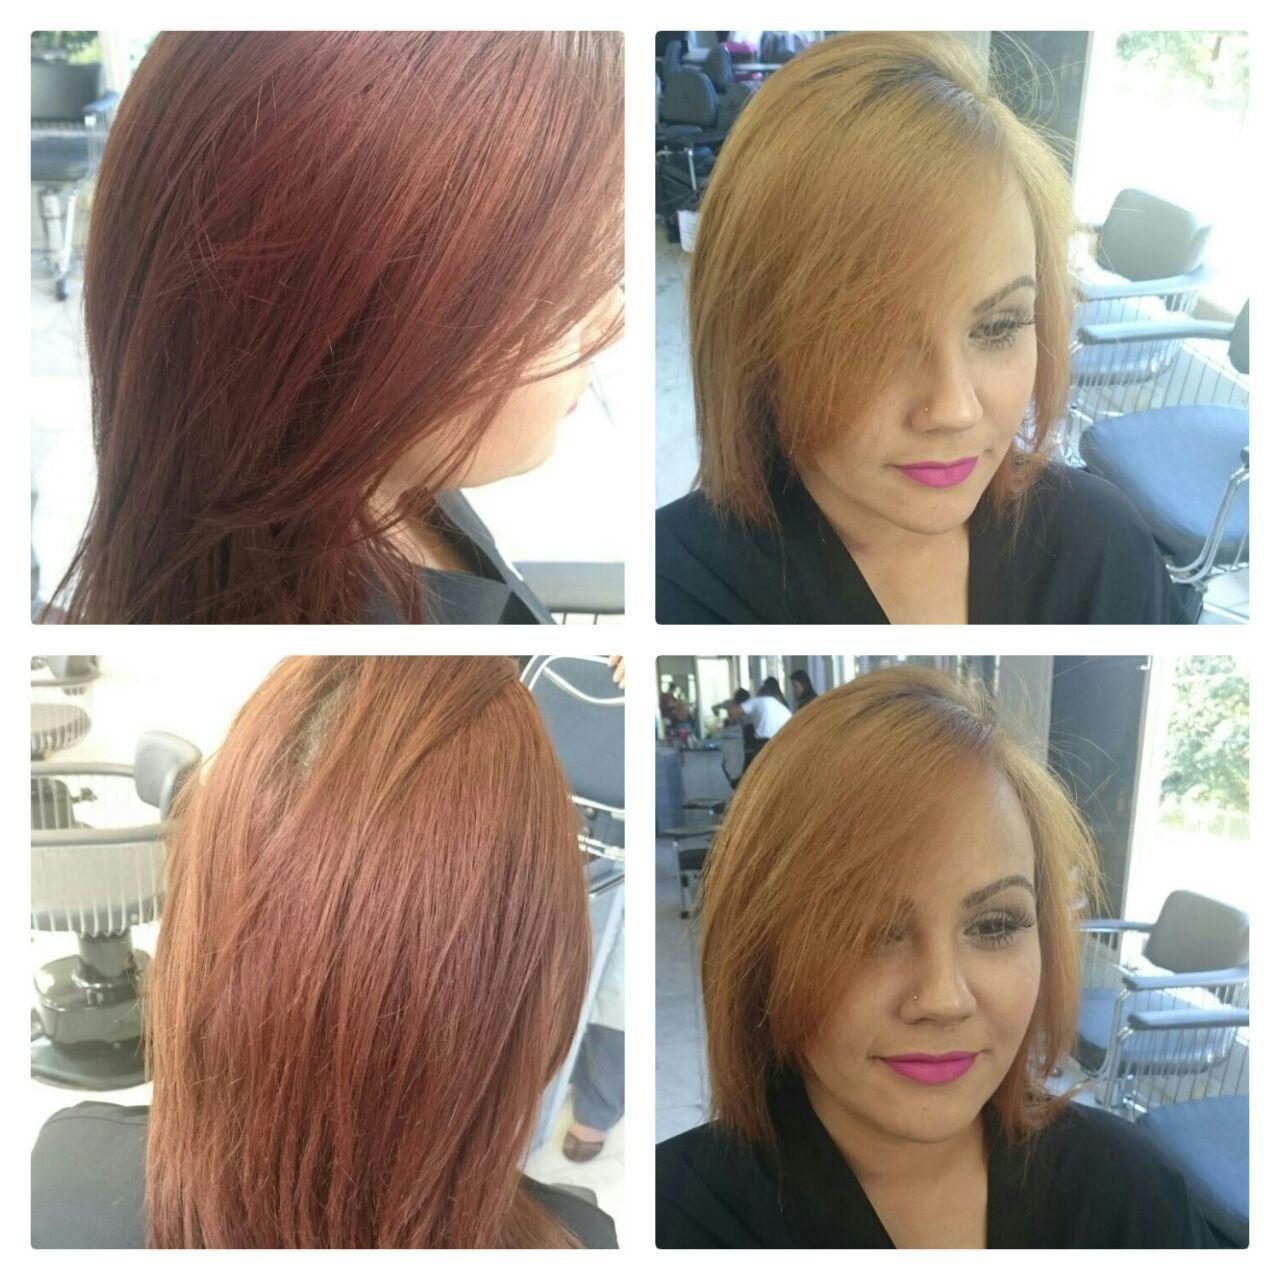 dia que fui fazer uma demostração no salão  Hélio diff cabelo docente / professor(a)